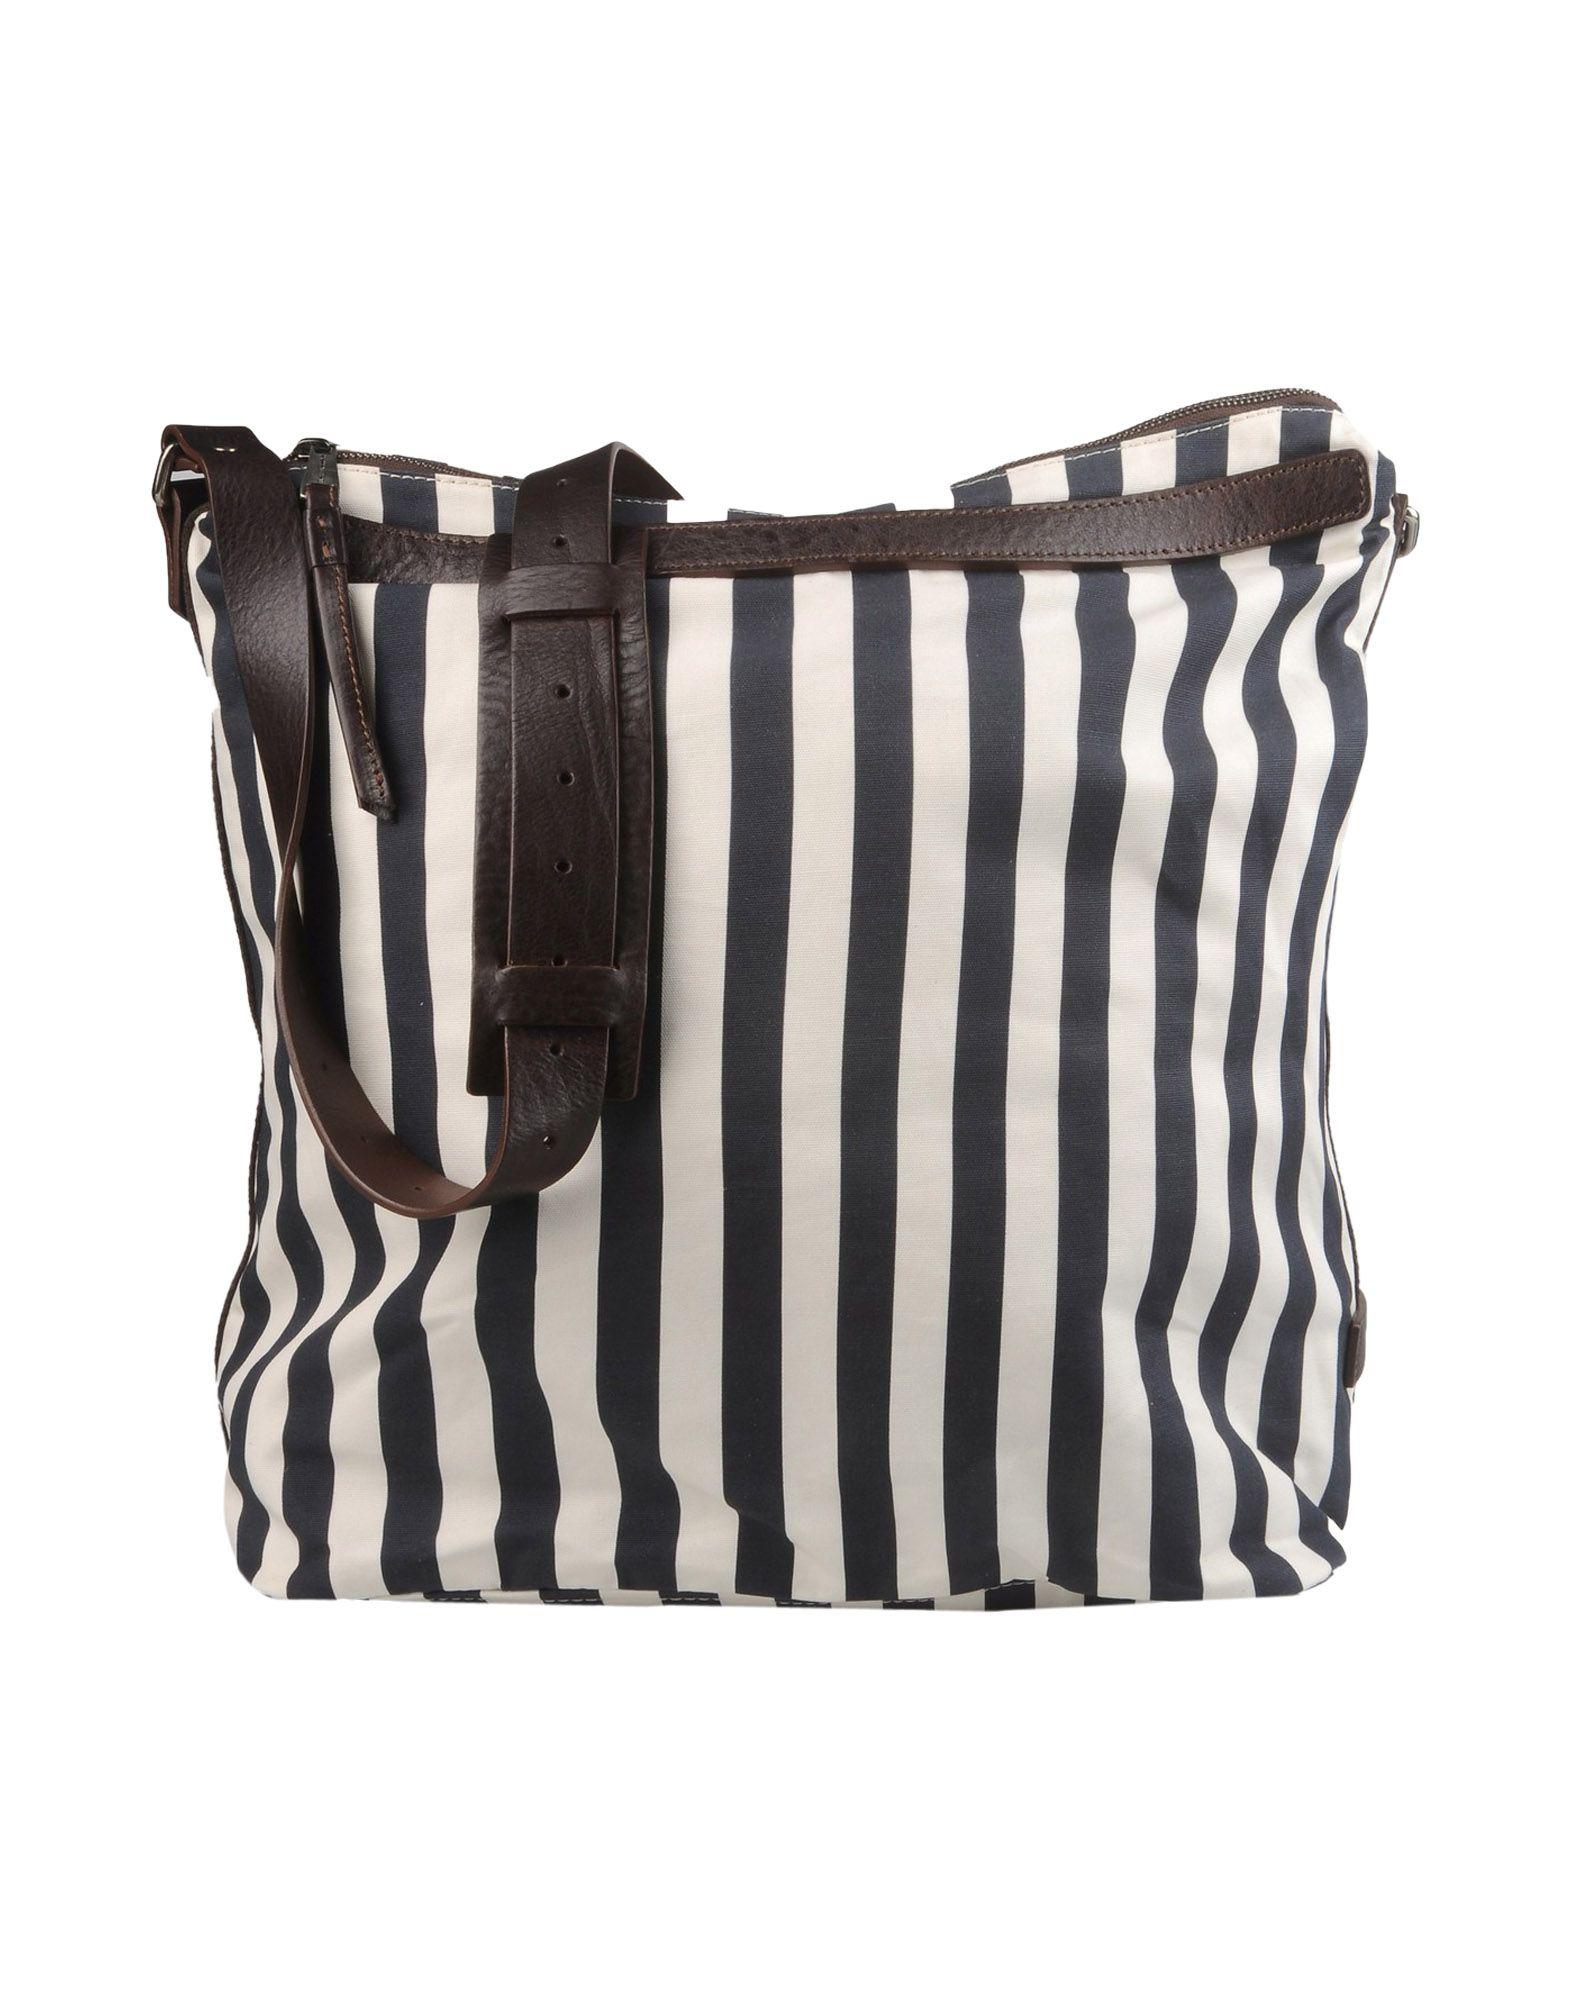 DOLCE & GABBANA Дорожная сумка женские кожаные дизайнеры высокое качество в полоску седло сумка женская винтажная сумка sac основной небольшая сумка сумки